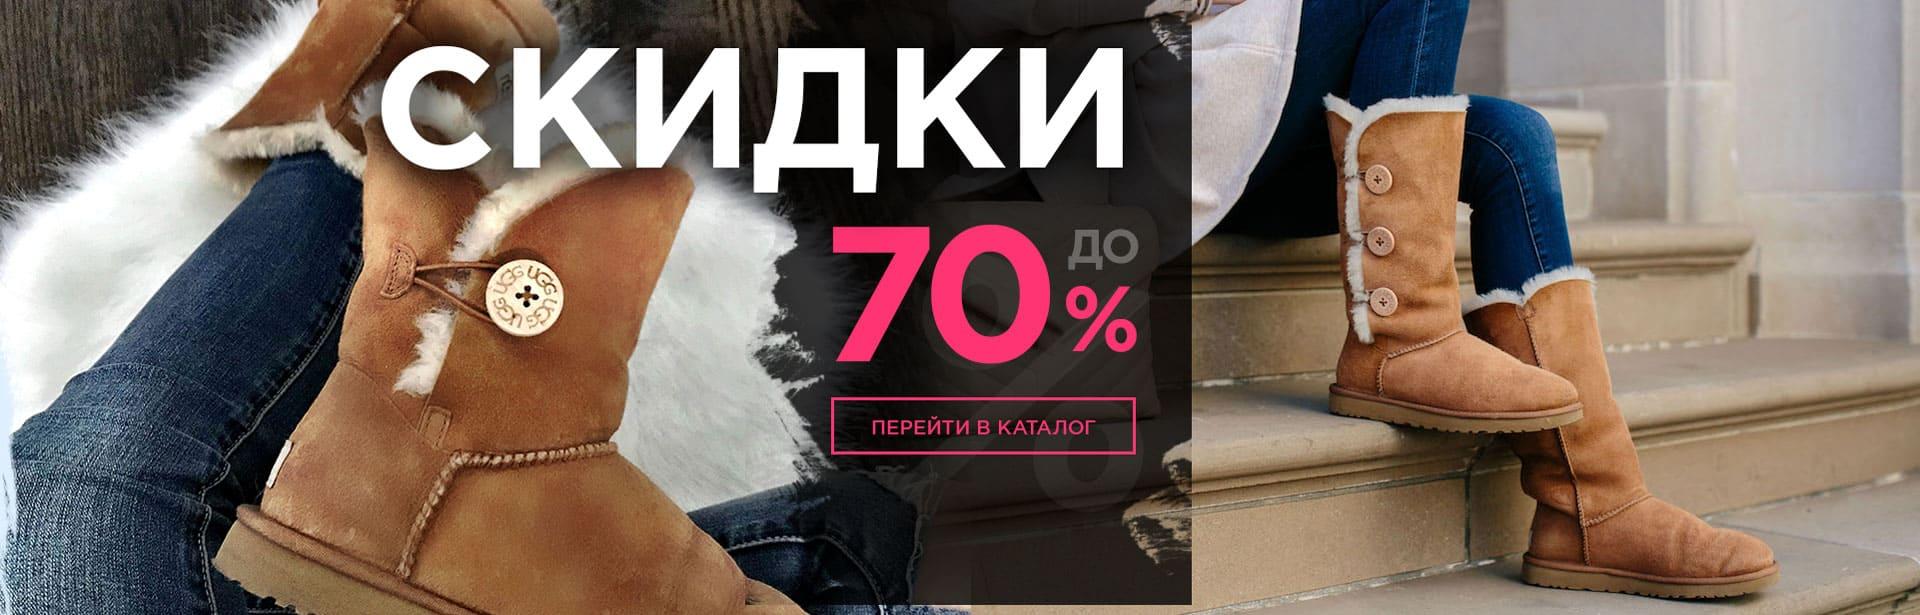 Скидки до 70% в интернет-магазине Угги Онлайн